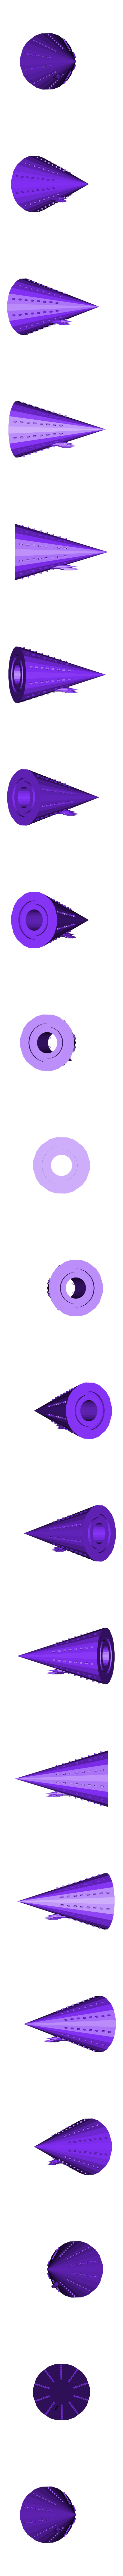 Spiral Cap.stl Télécharger fichier STL gratuit Hogwarts School of Witchcraft • Plan à imprimer en 3D, Valient